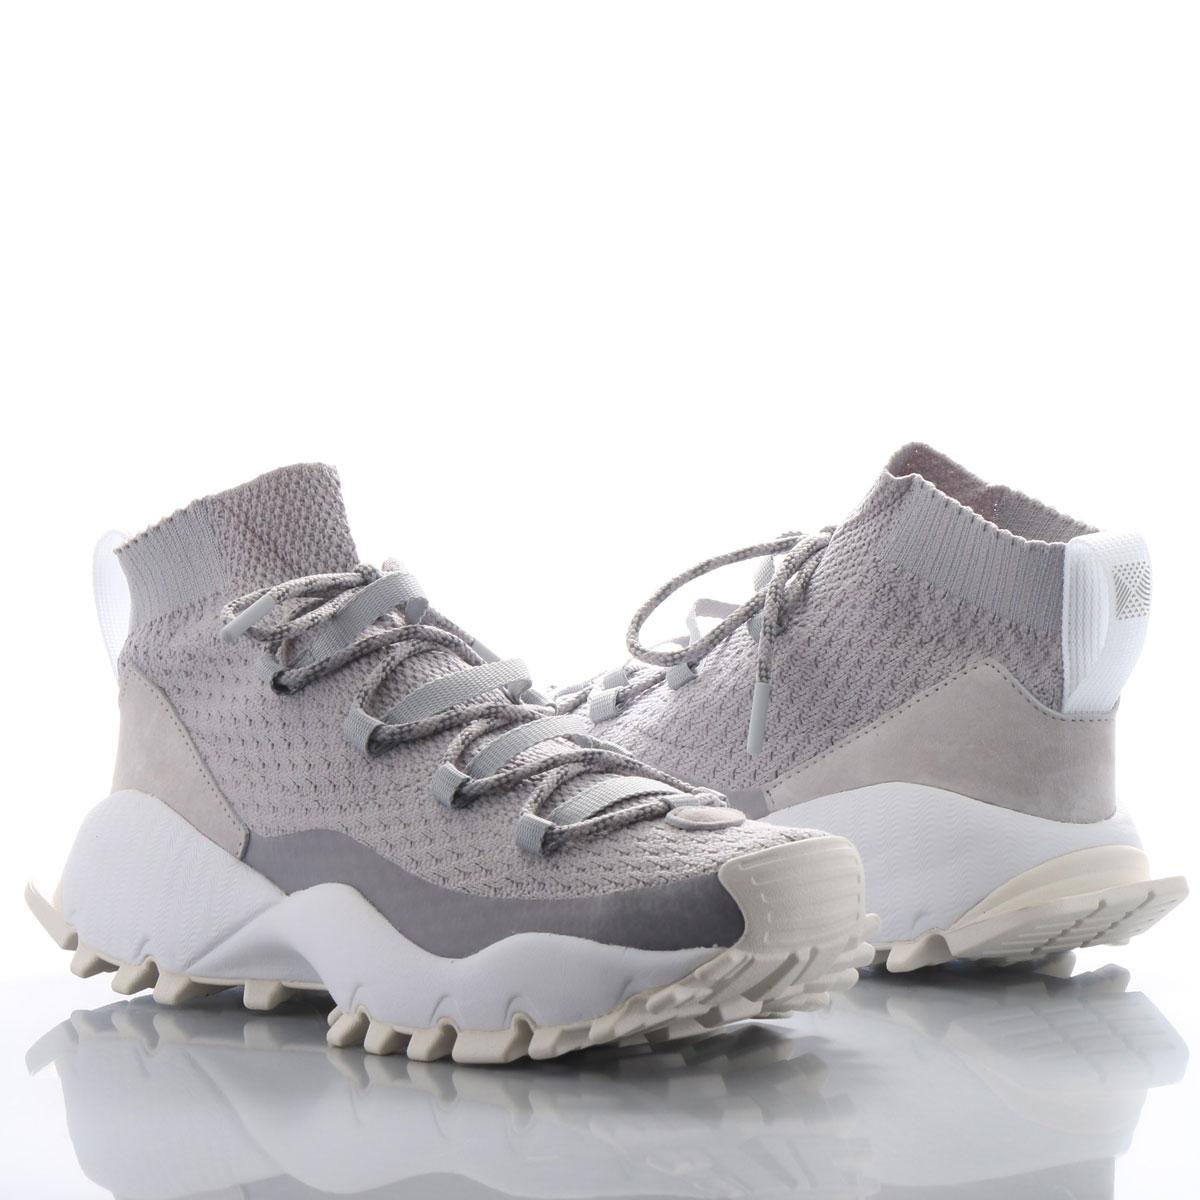 adidas Originals SEEULATERADVENTURE PK (アディダス オリジナルス シーユーレイター アドベンチャー PK) Grey Two/Core Black/Vintage White【メンズ スニーカー】17FW-S